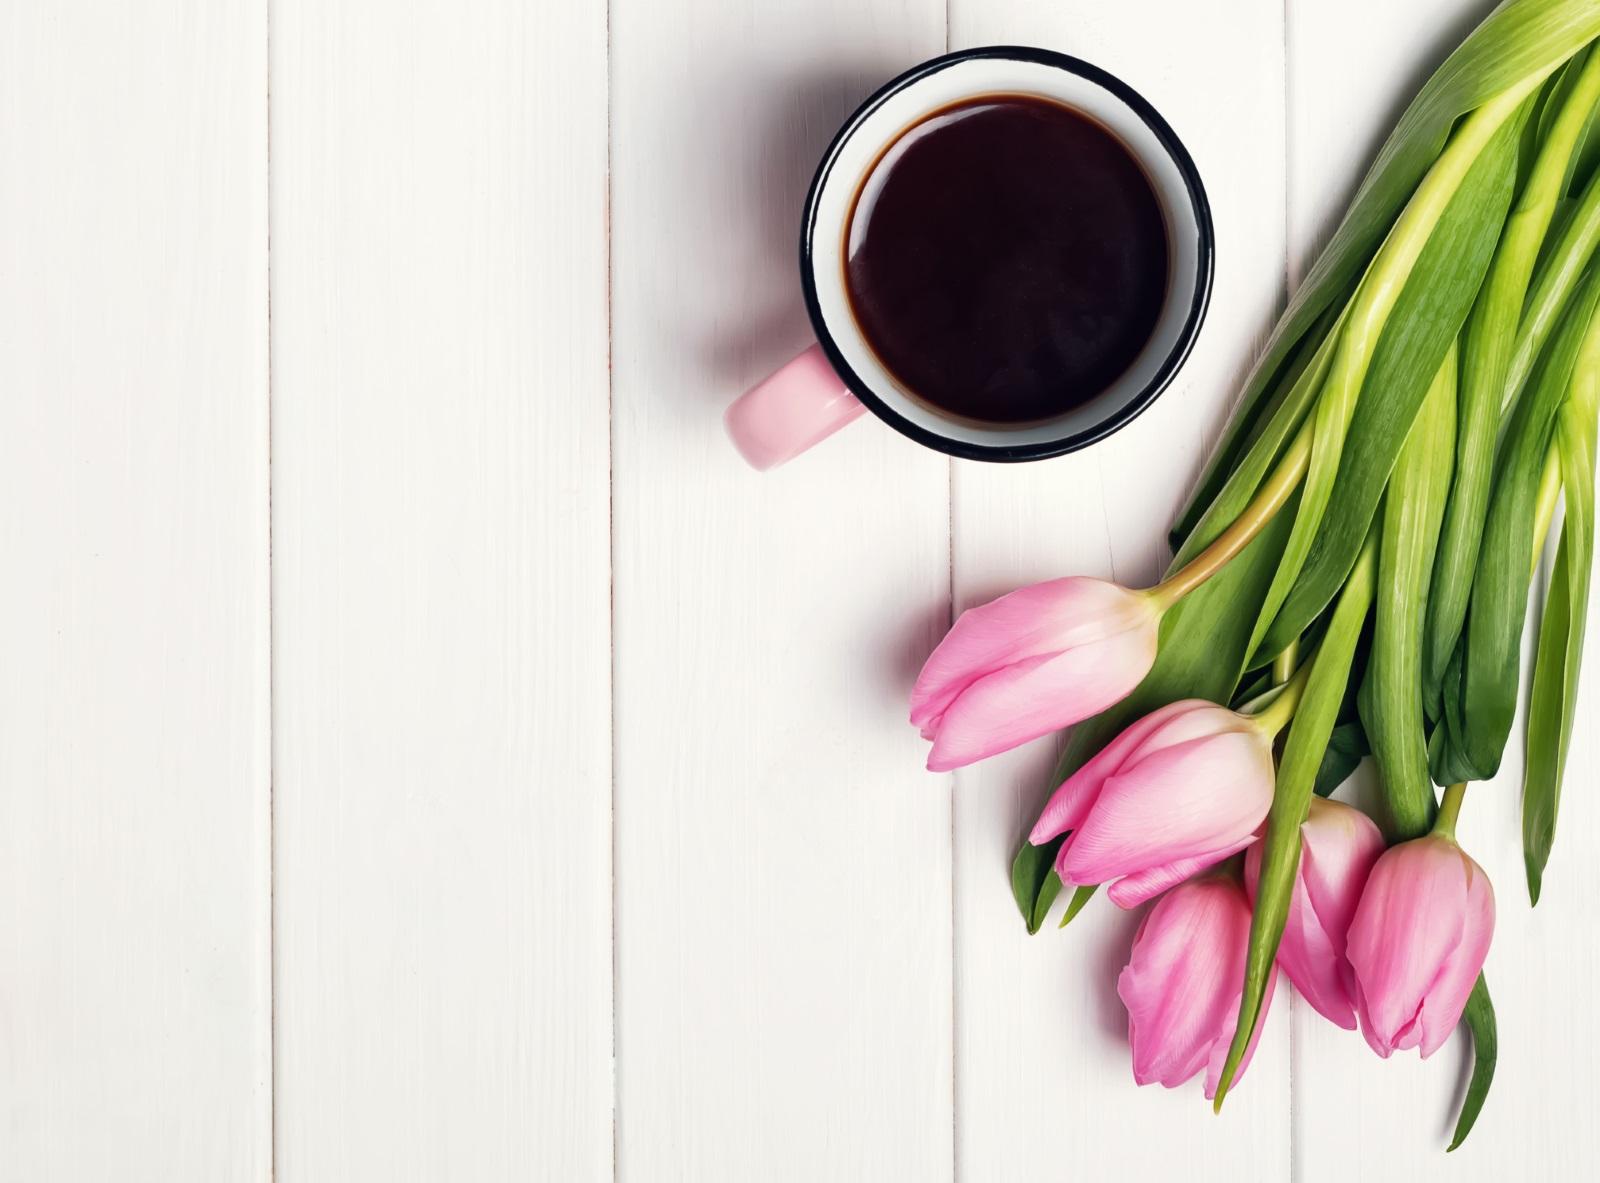 Има ли умора, има и кафе! А има ли кафе - започва настроението!